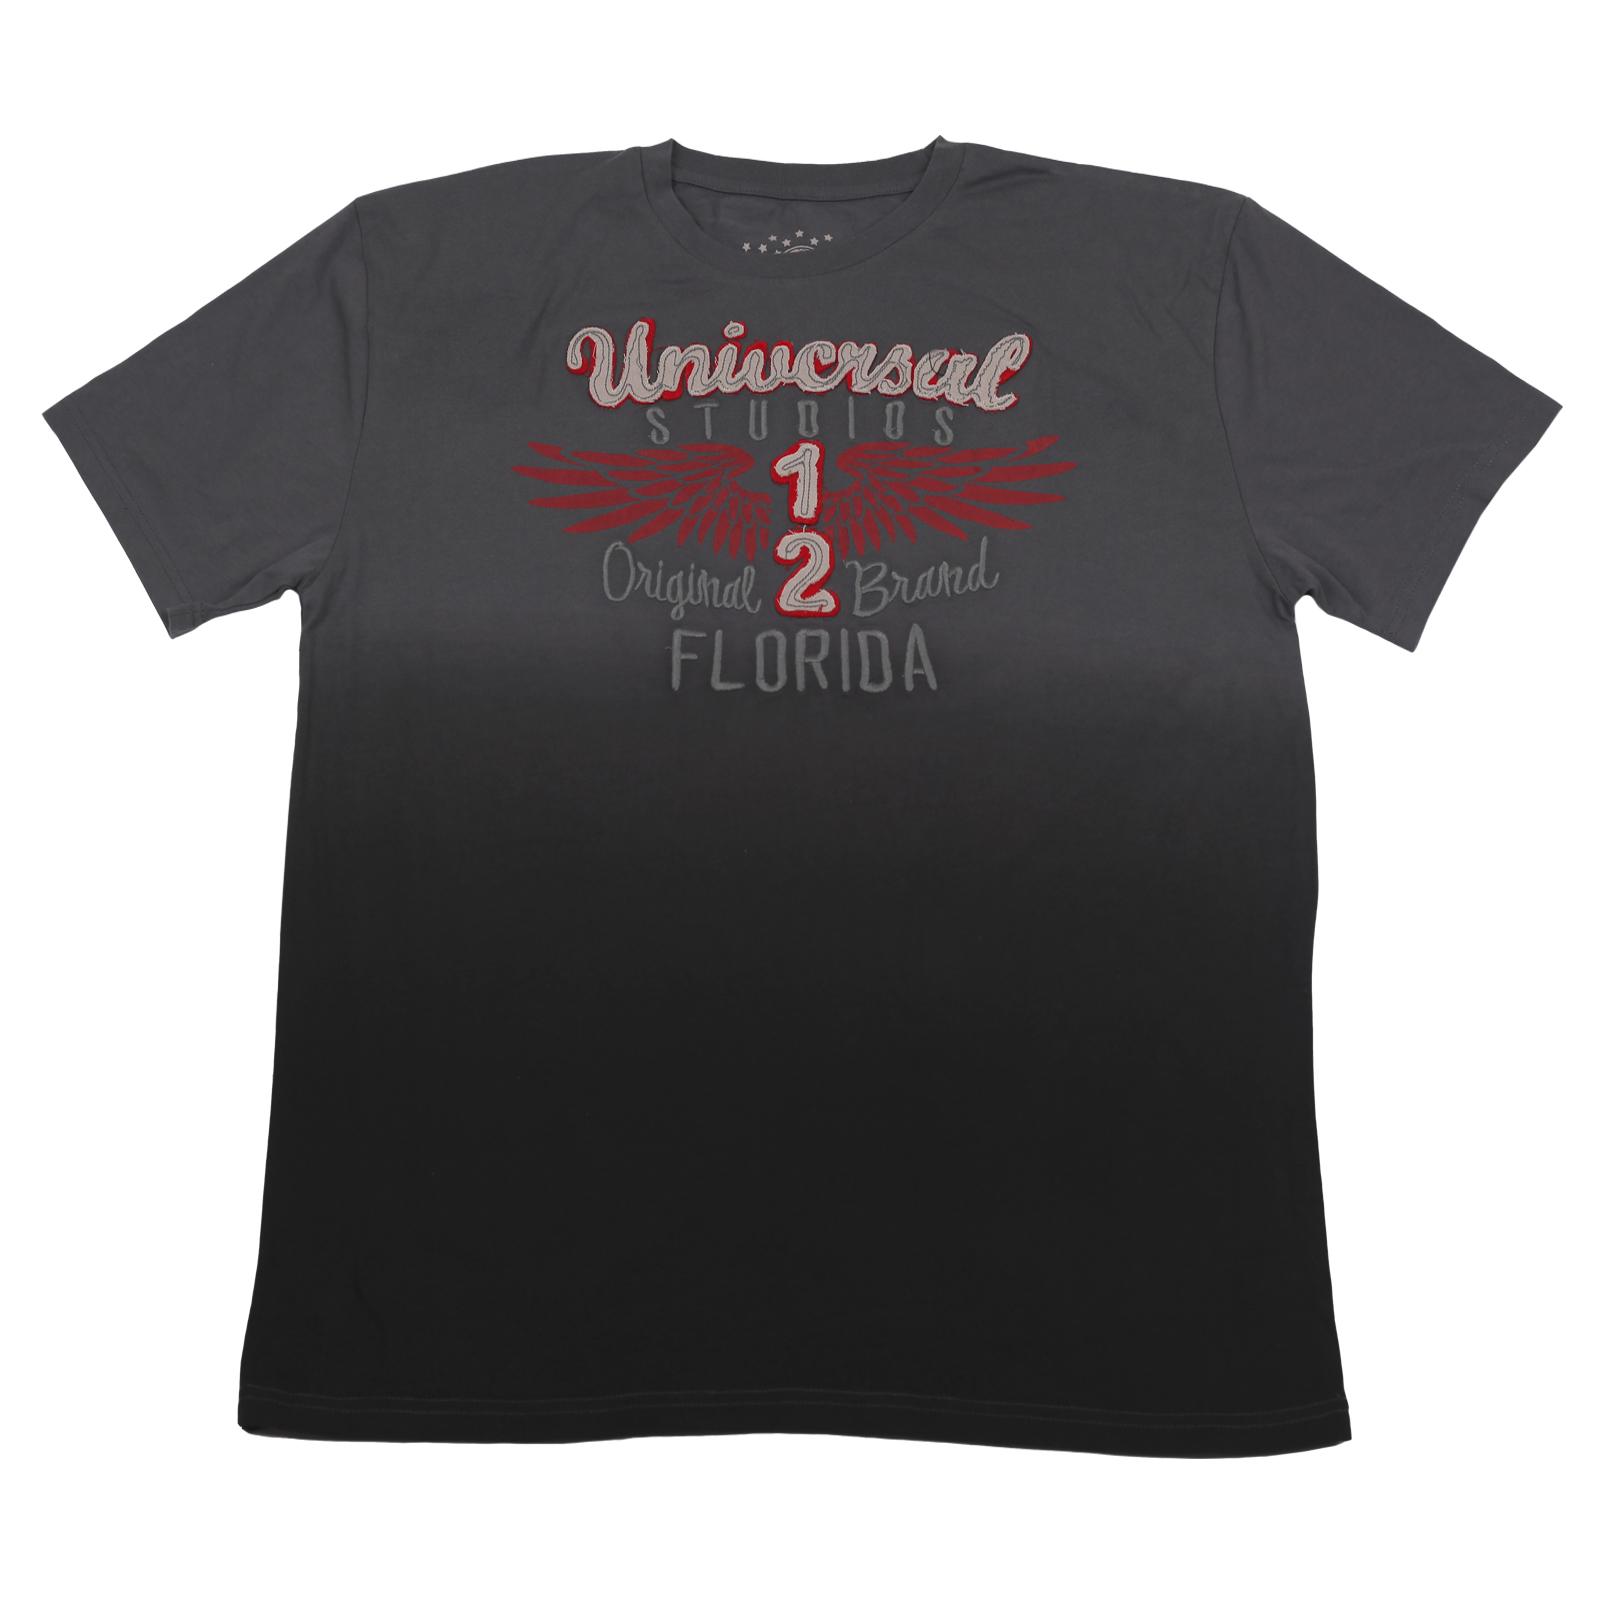 Футболка Universal Studios оригинального серого цвета. Тематические надписи, натуральная ткань